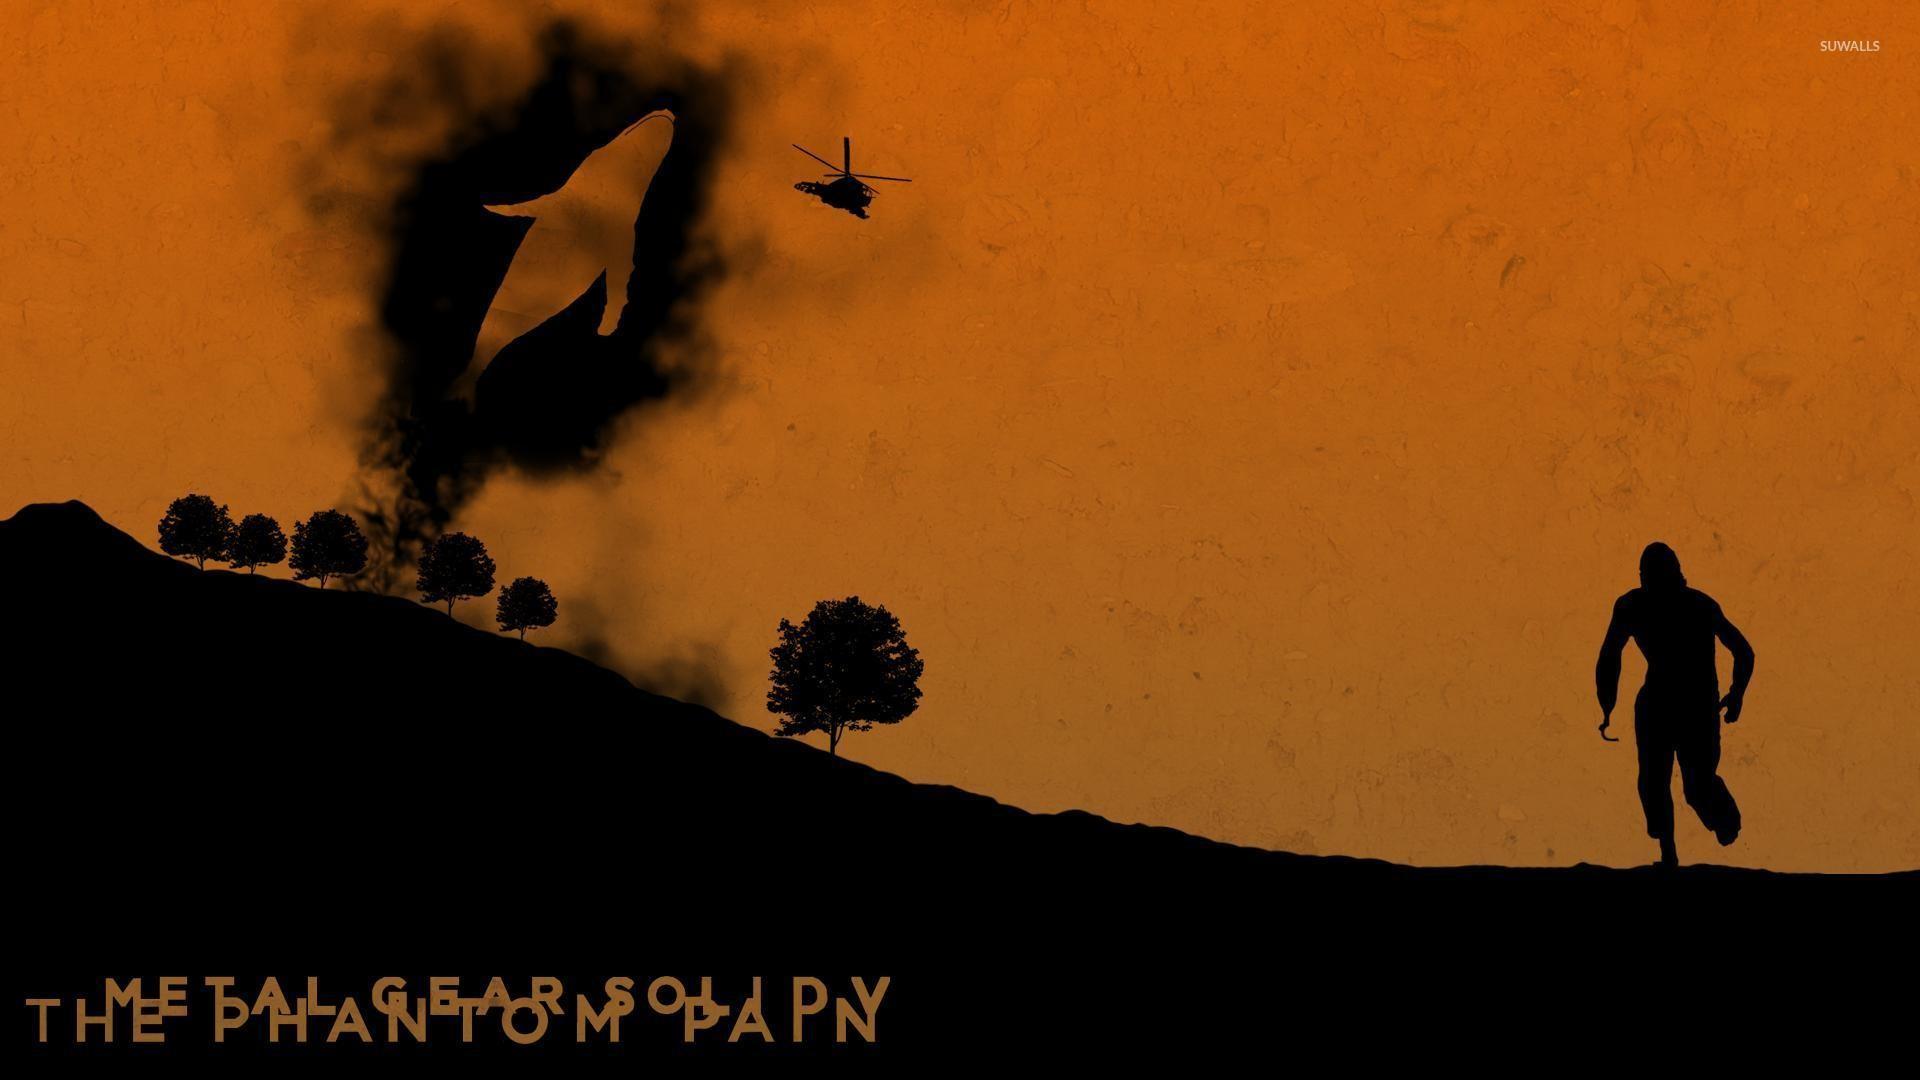 Metal Gear Solid V: The Phantom Pain [2] wallpaper jpg